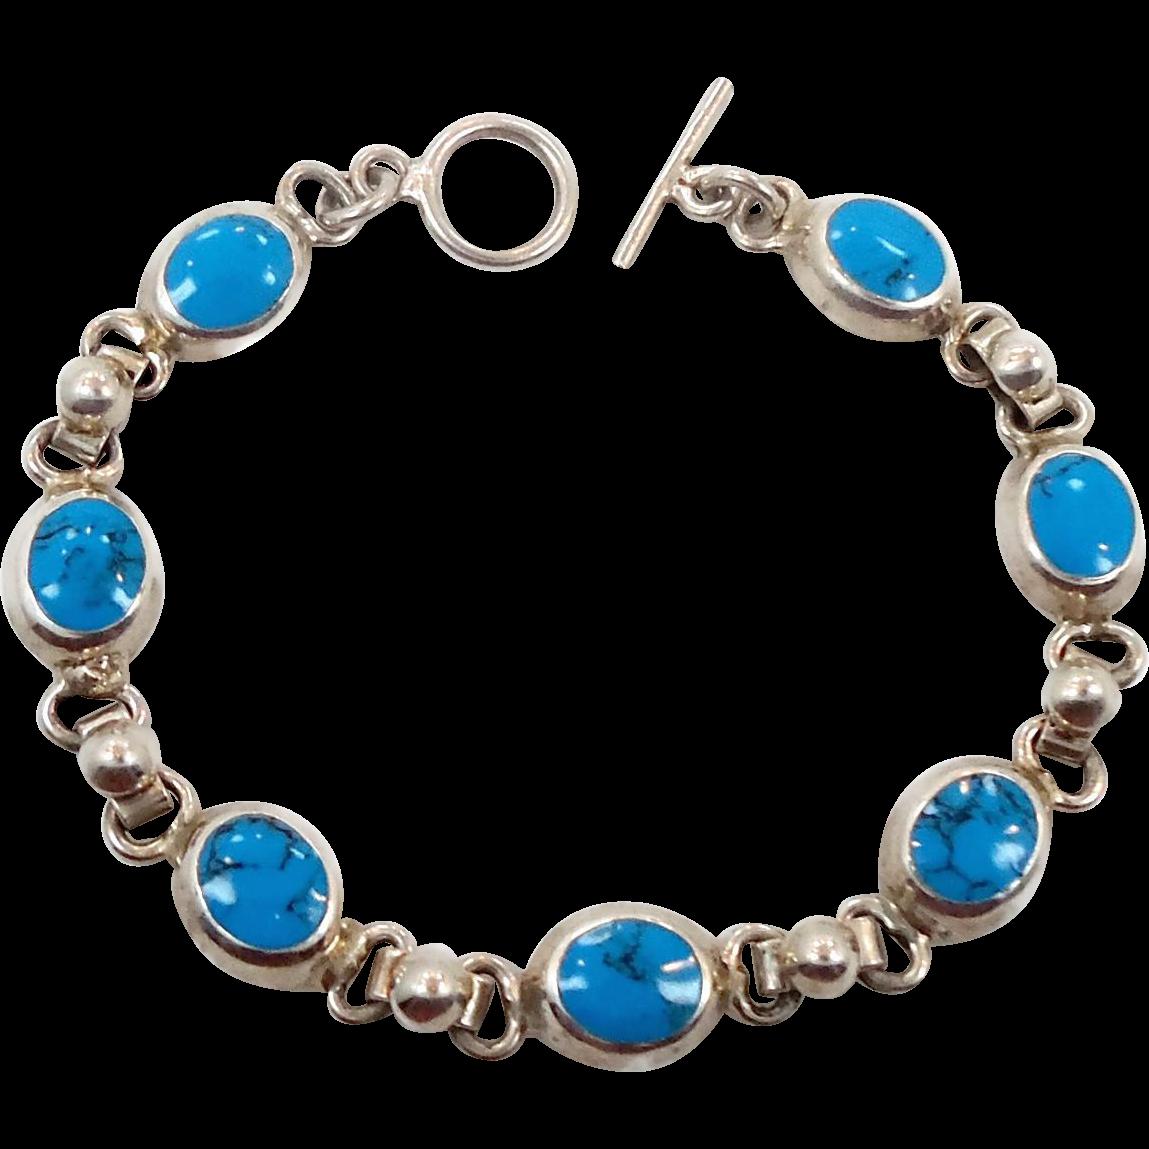 turquoise bracelet sterling silver vintage bracelet 925. Black Bedroom Furniture Sets. Home Design Ideas